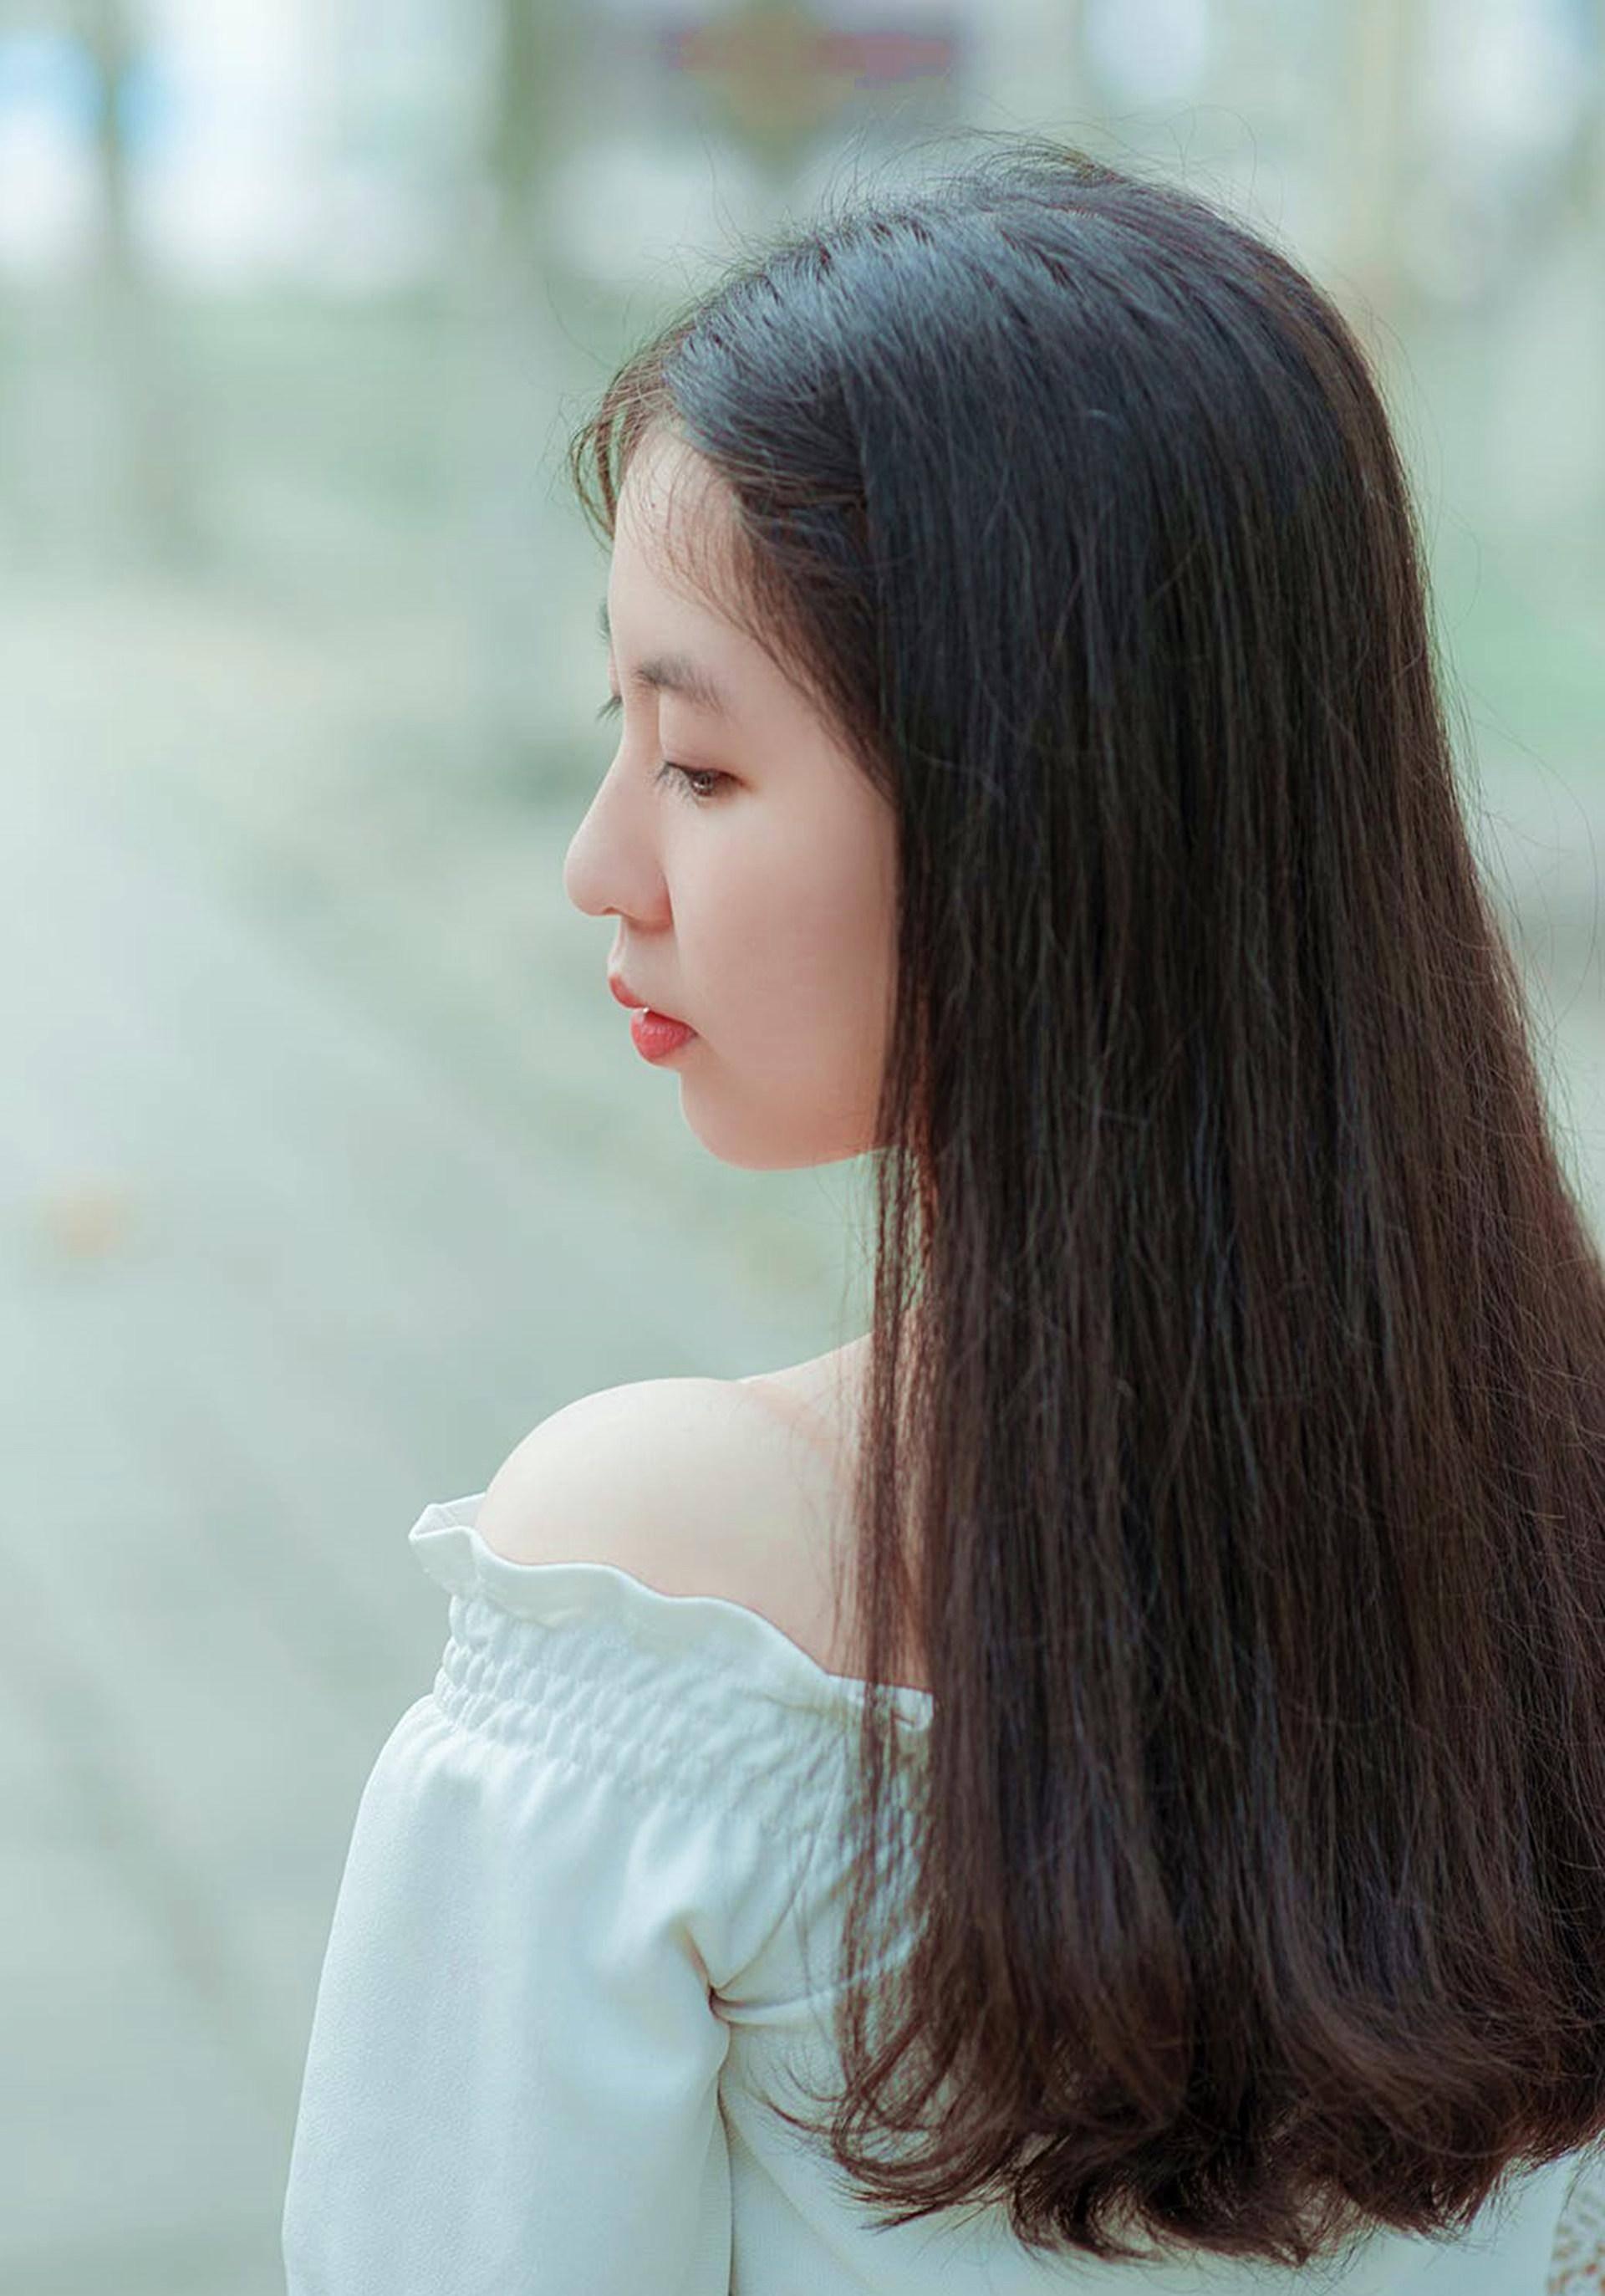 女生头像背影长发唯美